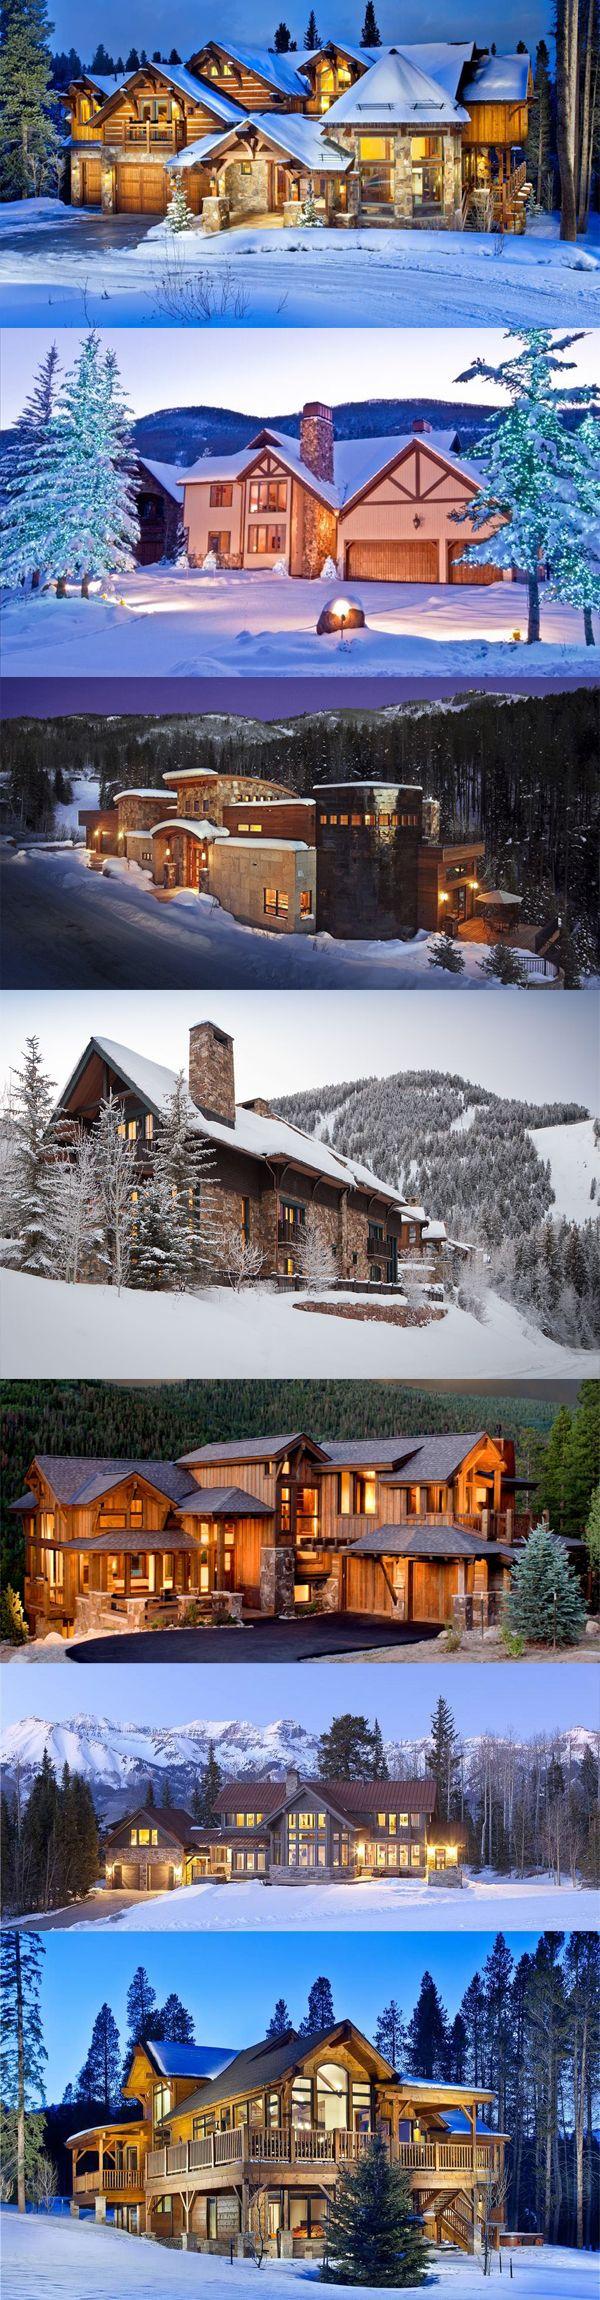 Ideer til jule husets udseende